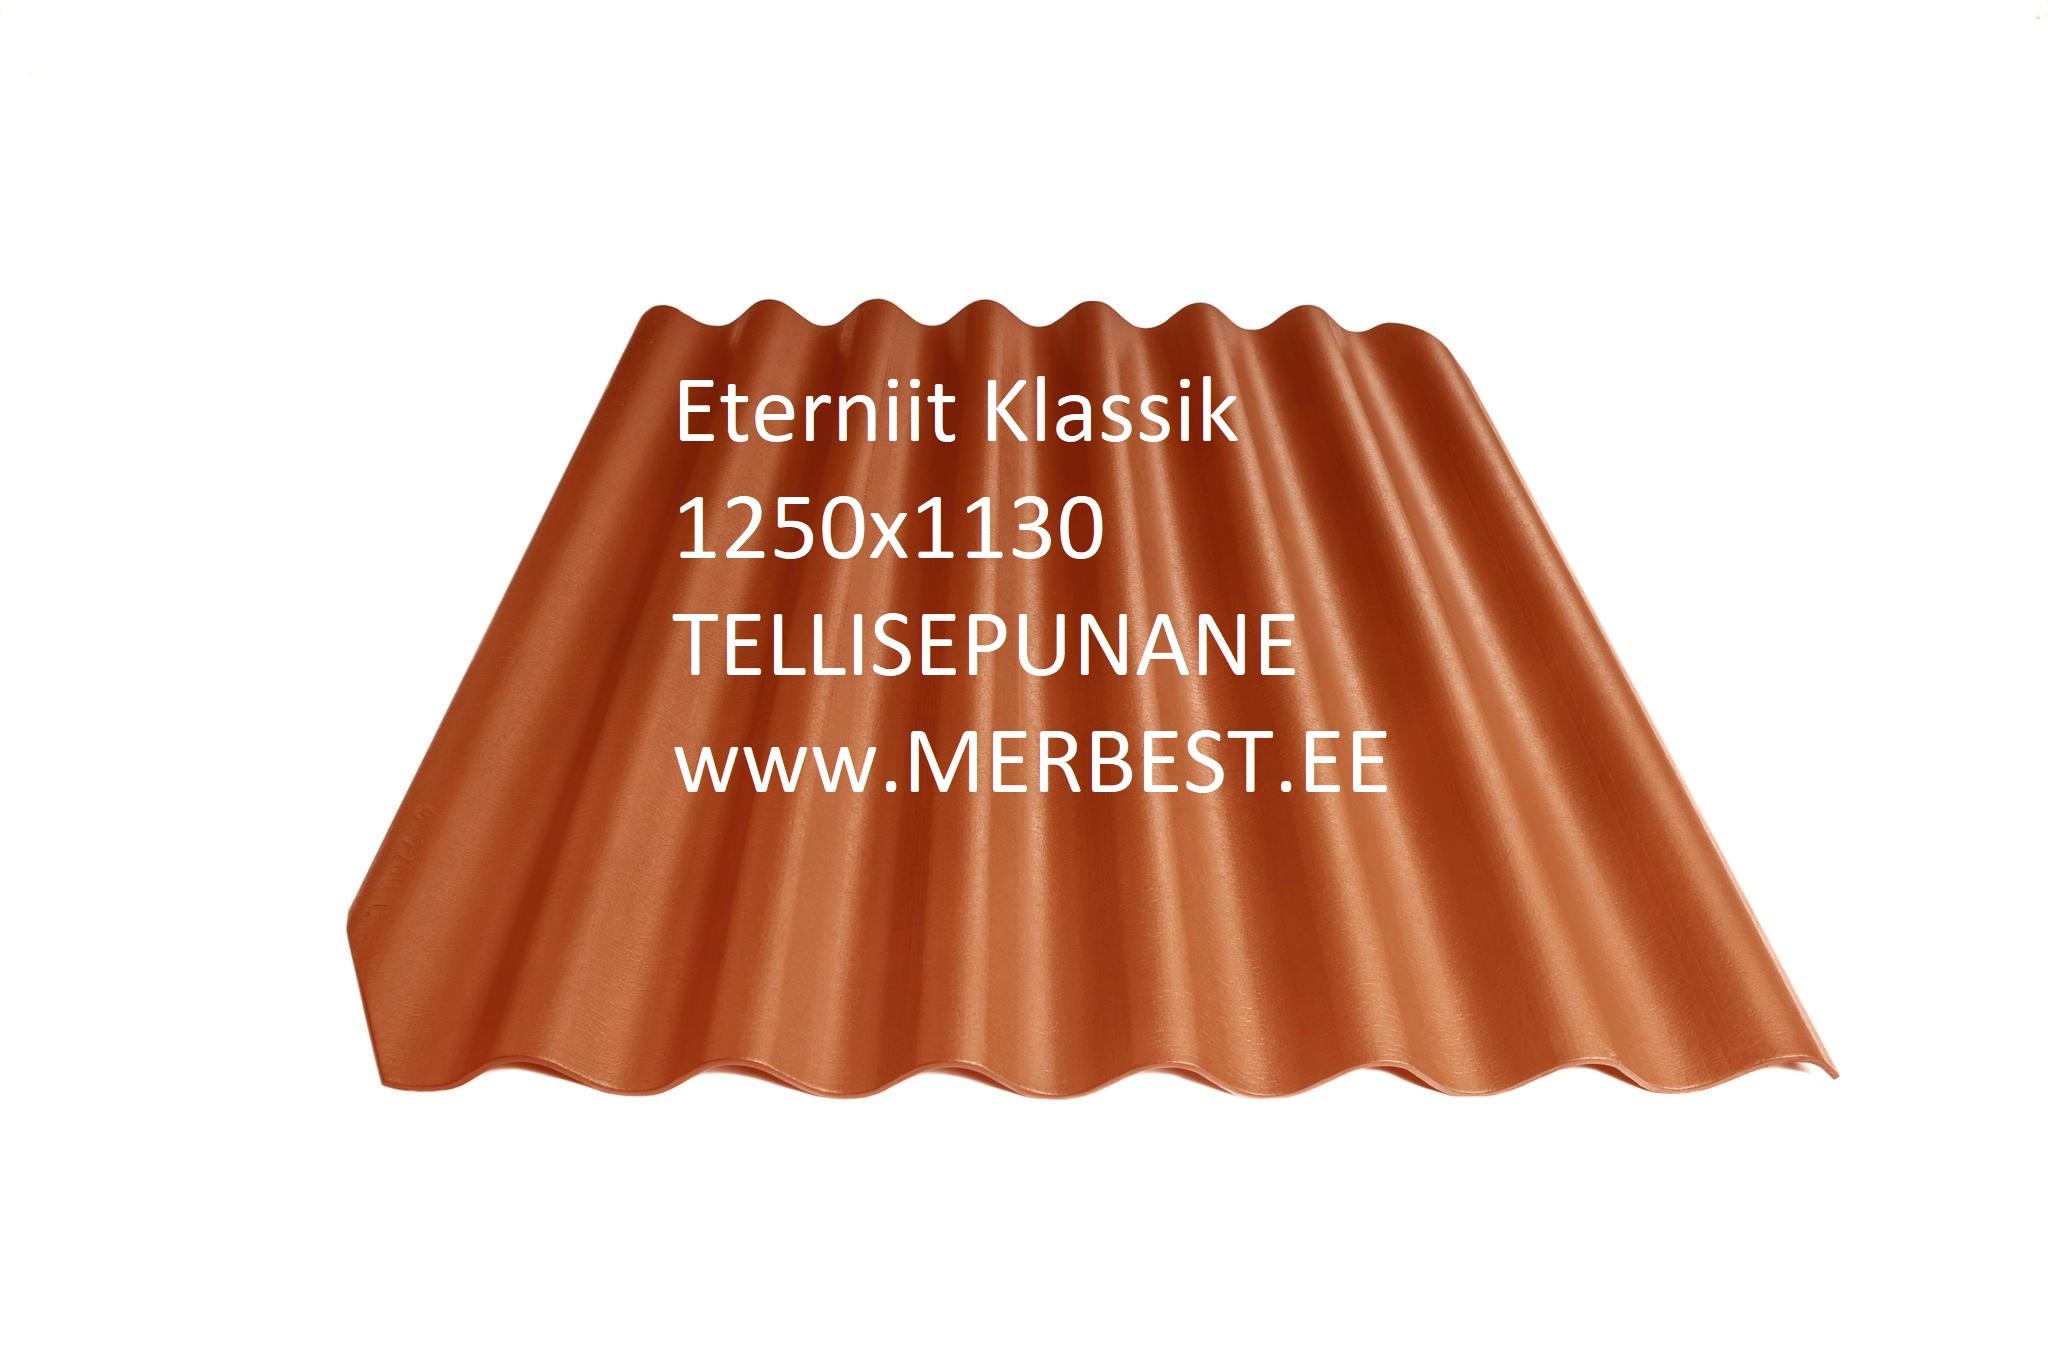 Eterniit tellisepunane. Eternit_Klasika_BL11_large-1250x1130-tellisepunane-eterniit-eterniidi-müük-katuseplaat-laineplaat-eterniidi-vahetus-katusetööd-merbest-oü.